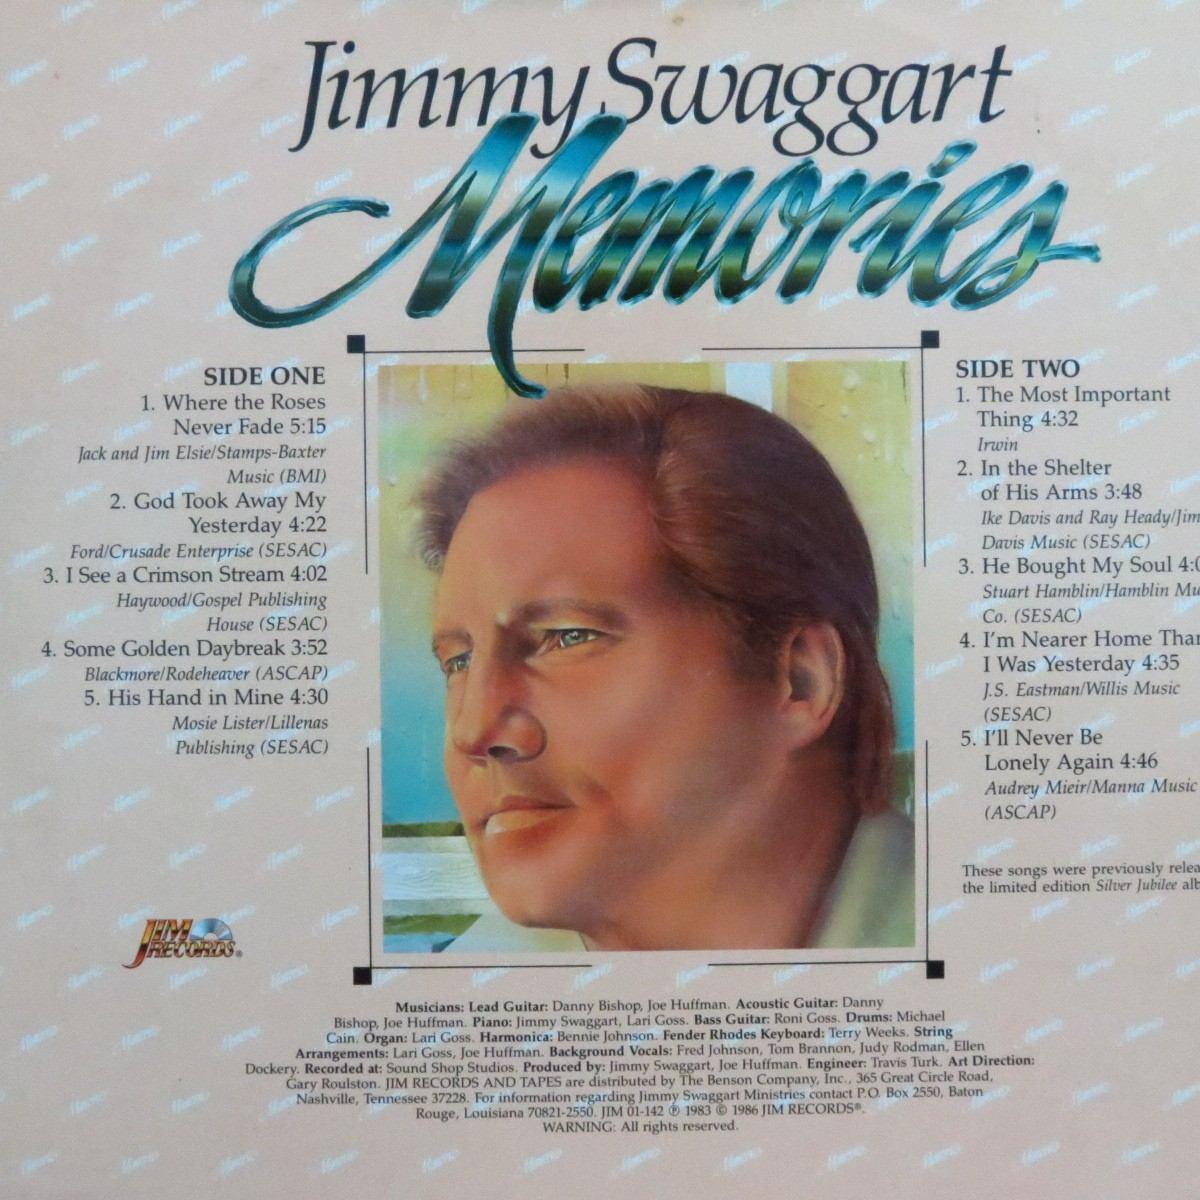 Lp - Jimmy Swaggart - Memories - Vinil Raro